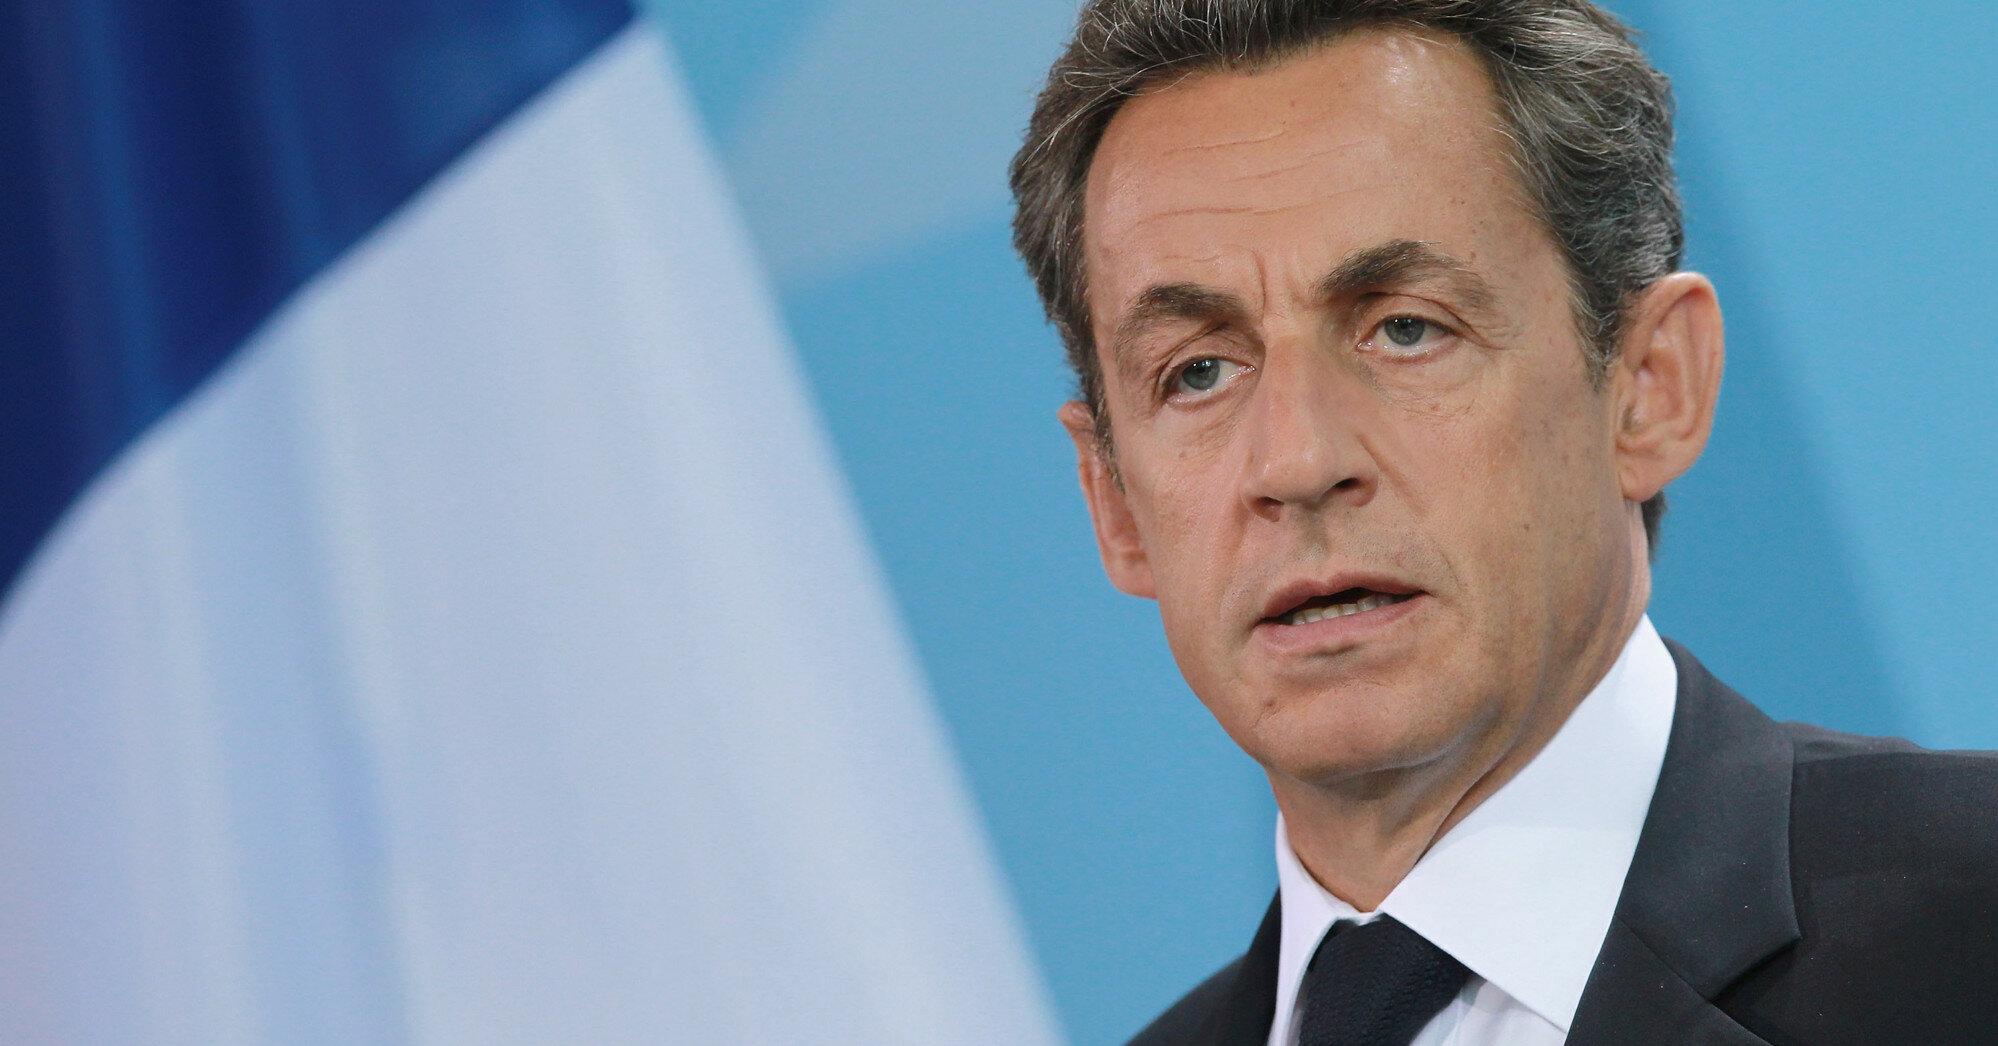 Прокурор запросил для Саркози шесть месяцев тюрьмы